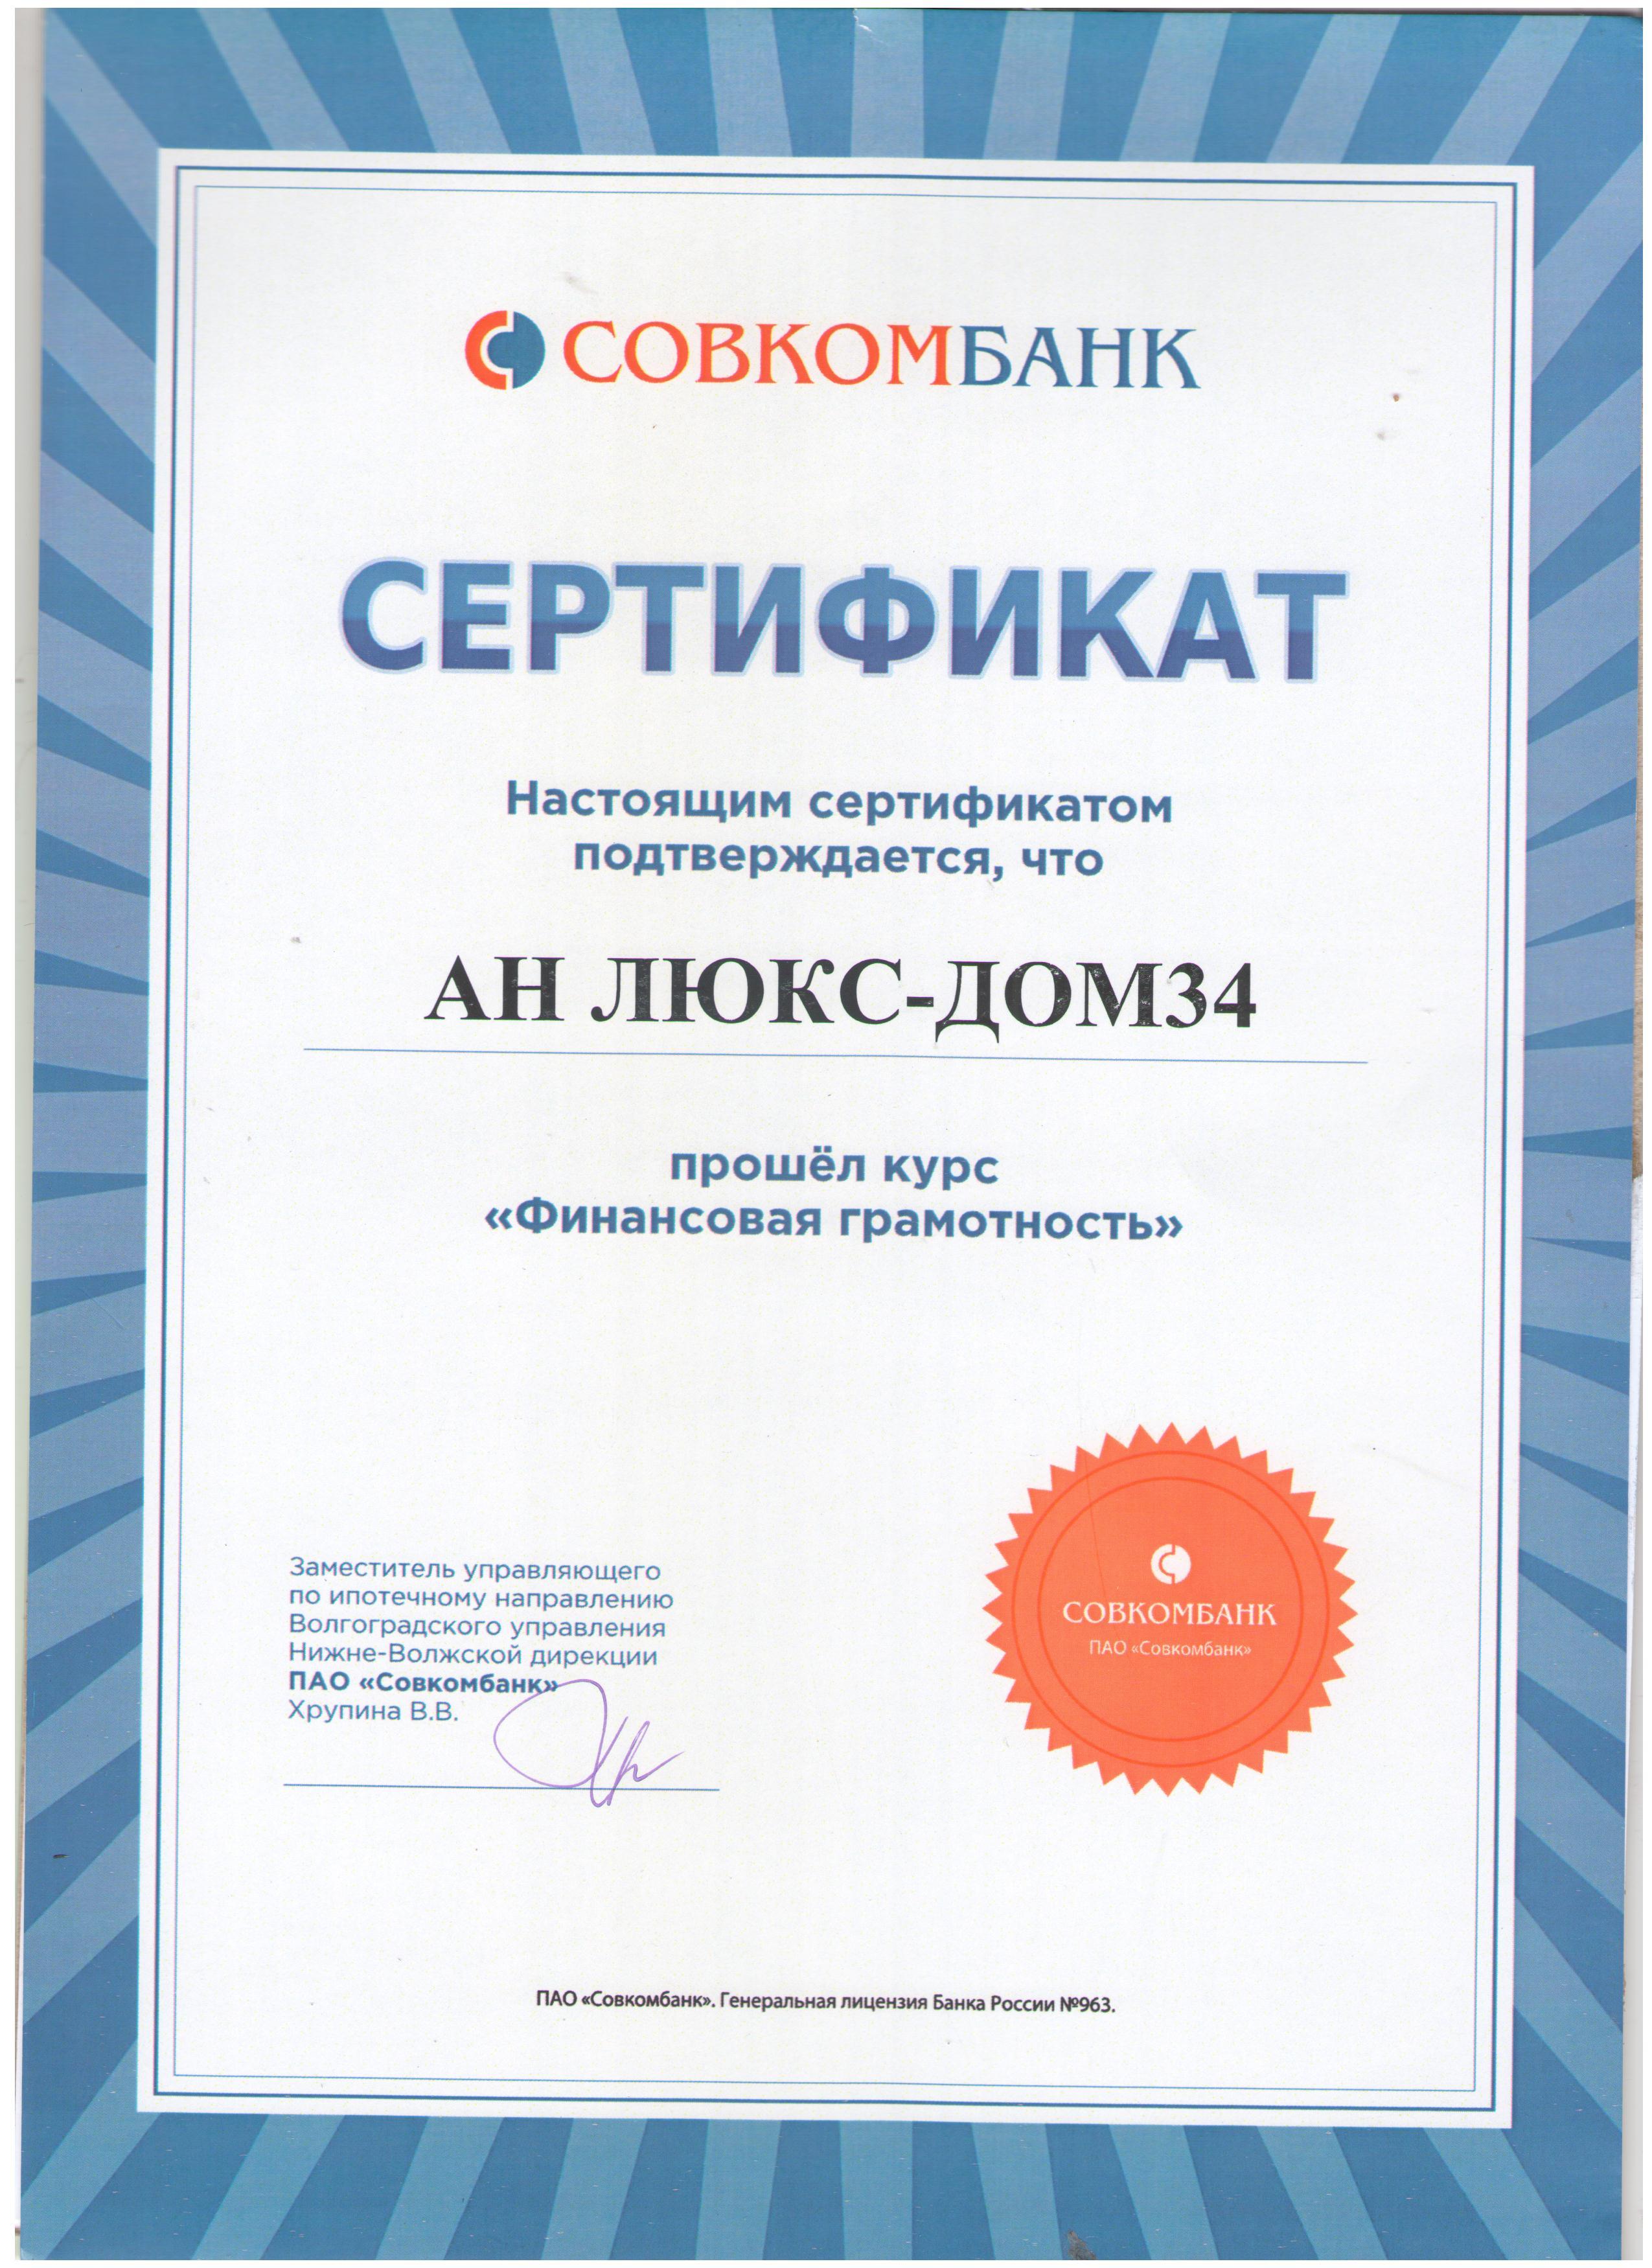 Обучение Совкомбанк